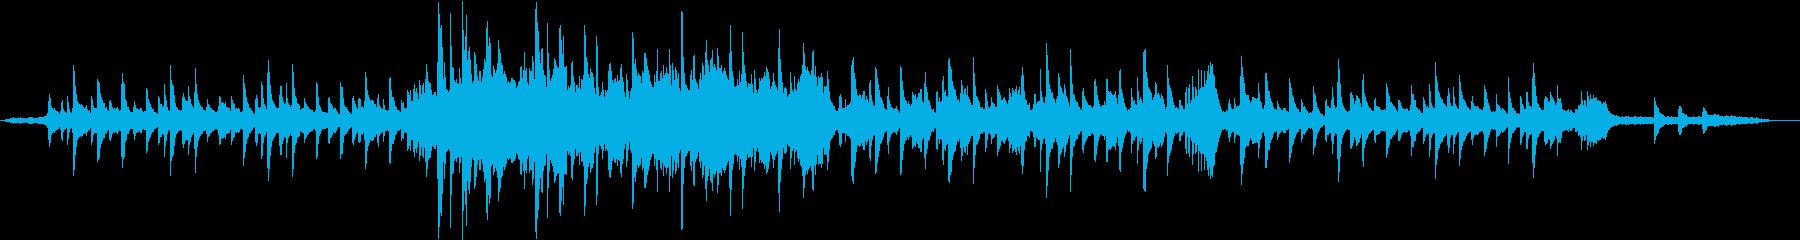 モダン 交響曲 室内楽 感情的 バ...の再生済みの波形